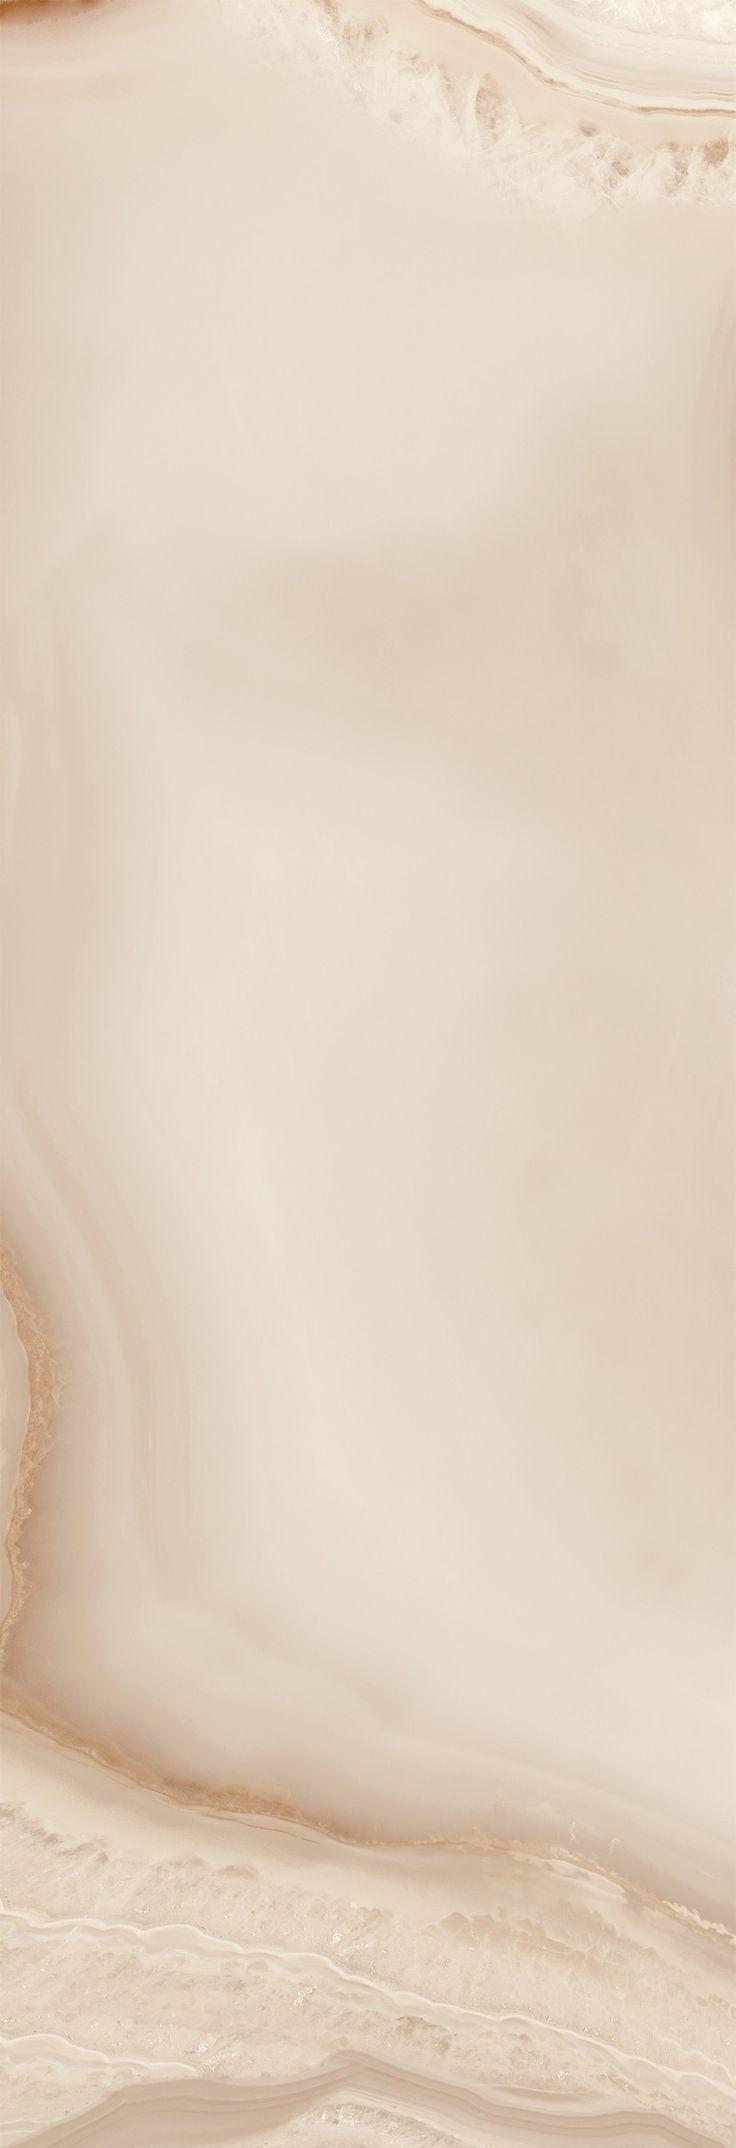 #Aparici #Beyond Beige 29,75x89,46 Cm | #Feinsteinzeug #Marmor